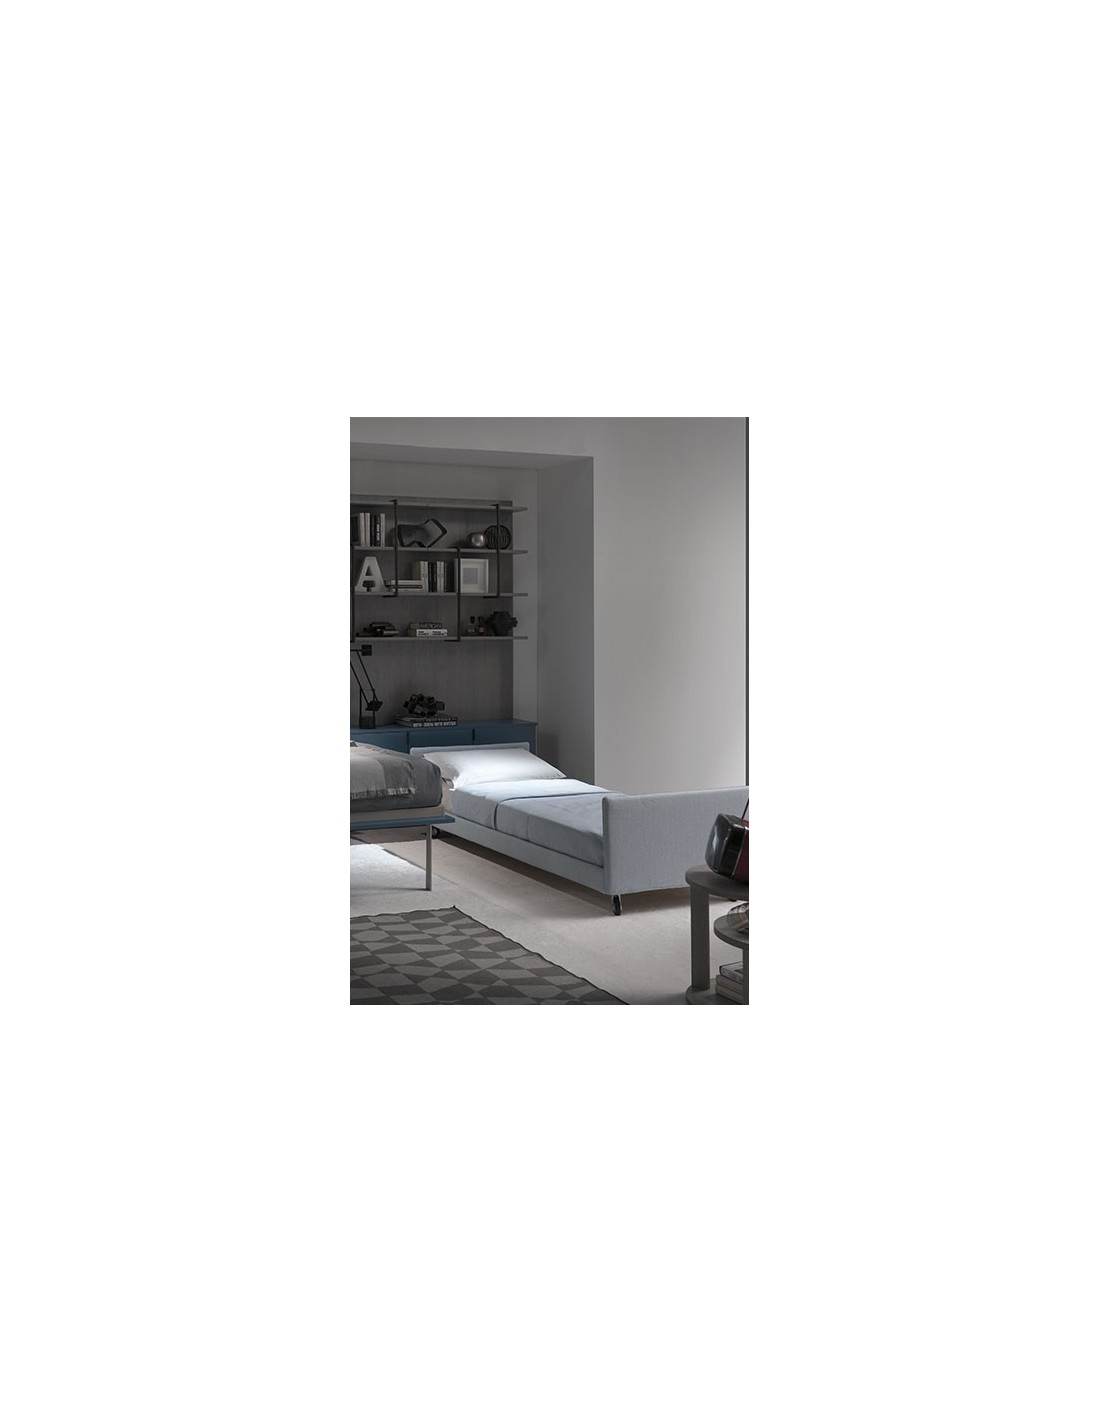 Letto a scomparsa in esposizione armadio letto mobile letto richiudibile